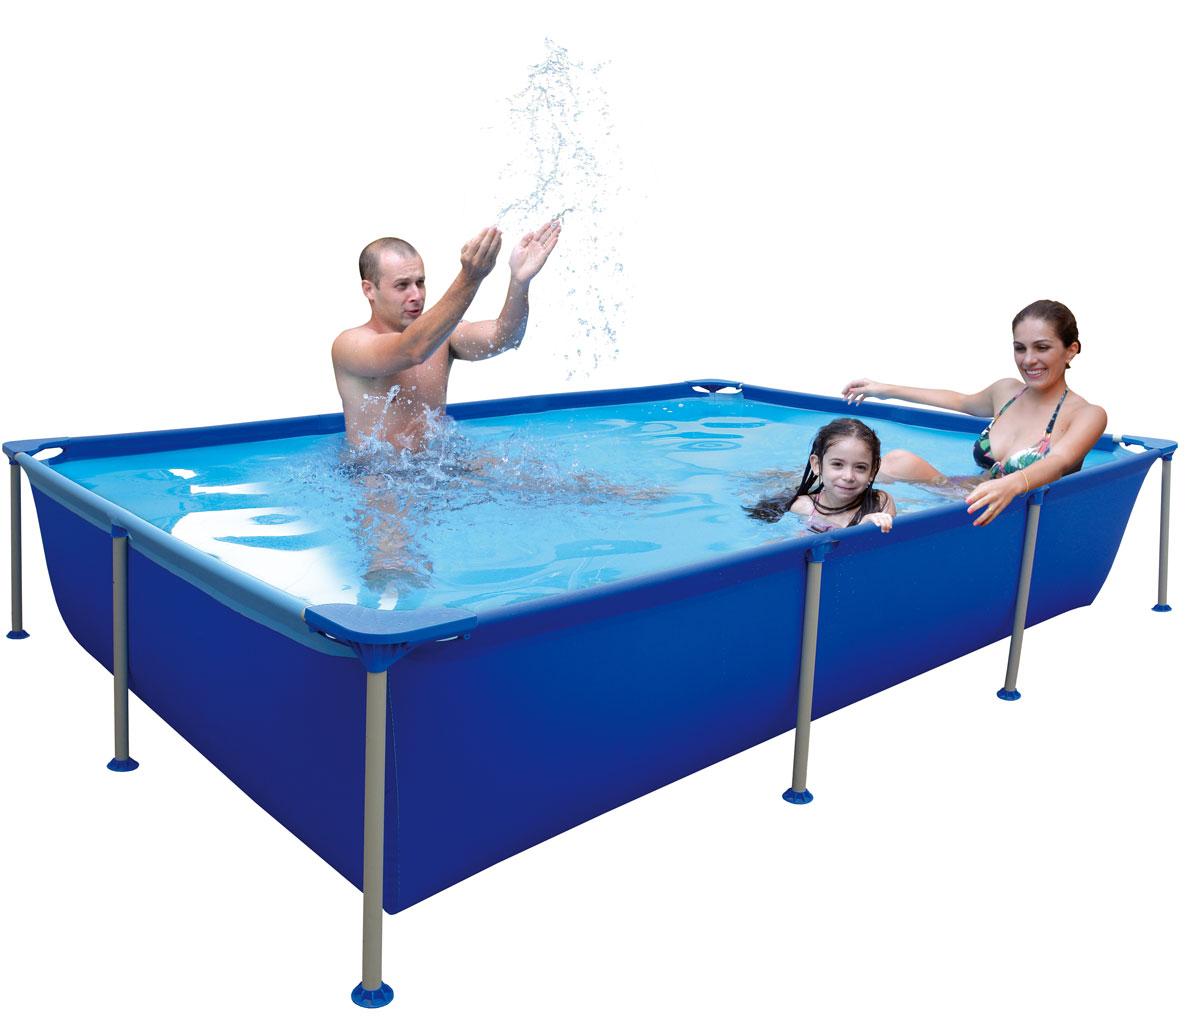 Бассейн каркасный Jilong Rectangular, семейный, цвет: голубой, 258 см х 179 см х 66 см бассейны jilong round stell frame pools 360х76 см с фильтр насосом